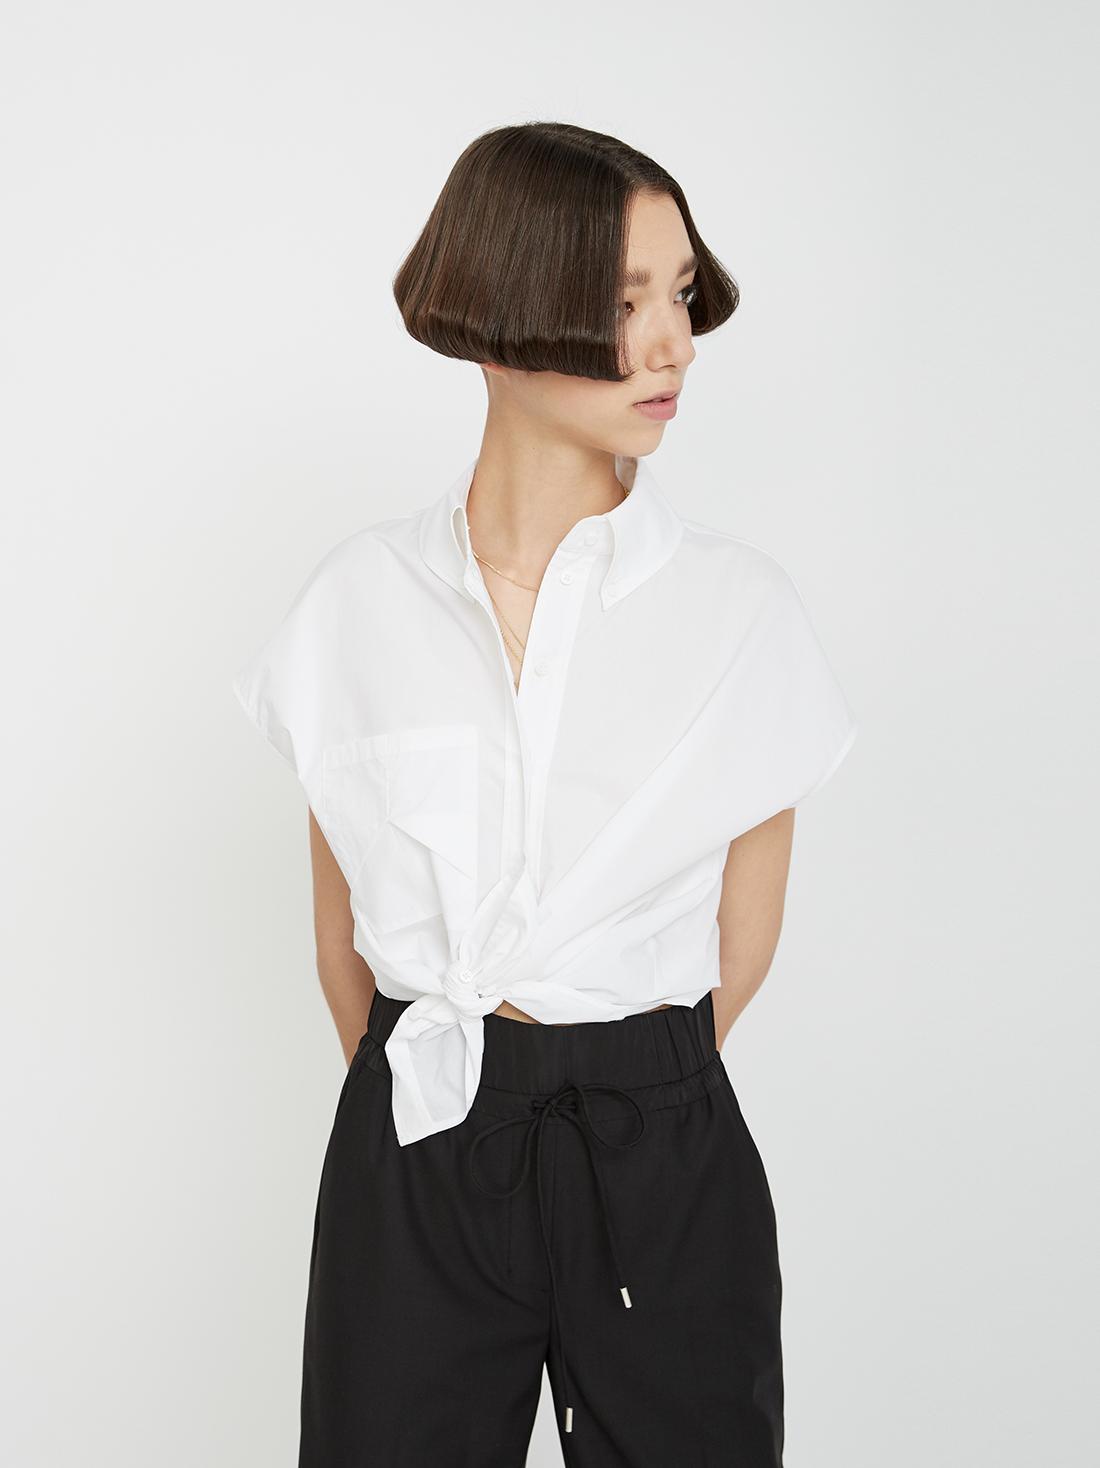 60c84c34016 Рубашка с отложным воротником на пуговицах белый цвет - Рубашки и ...